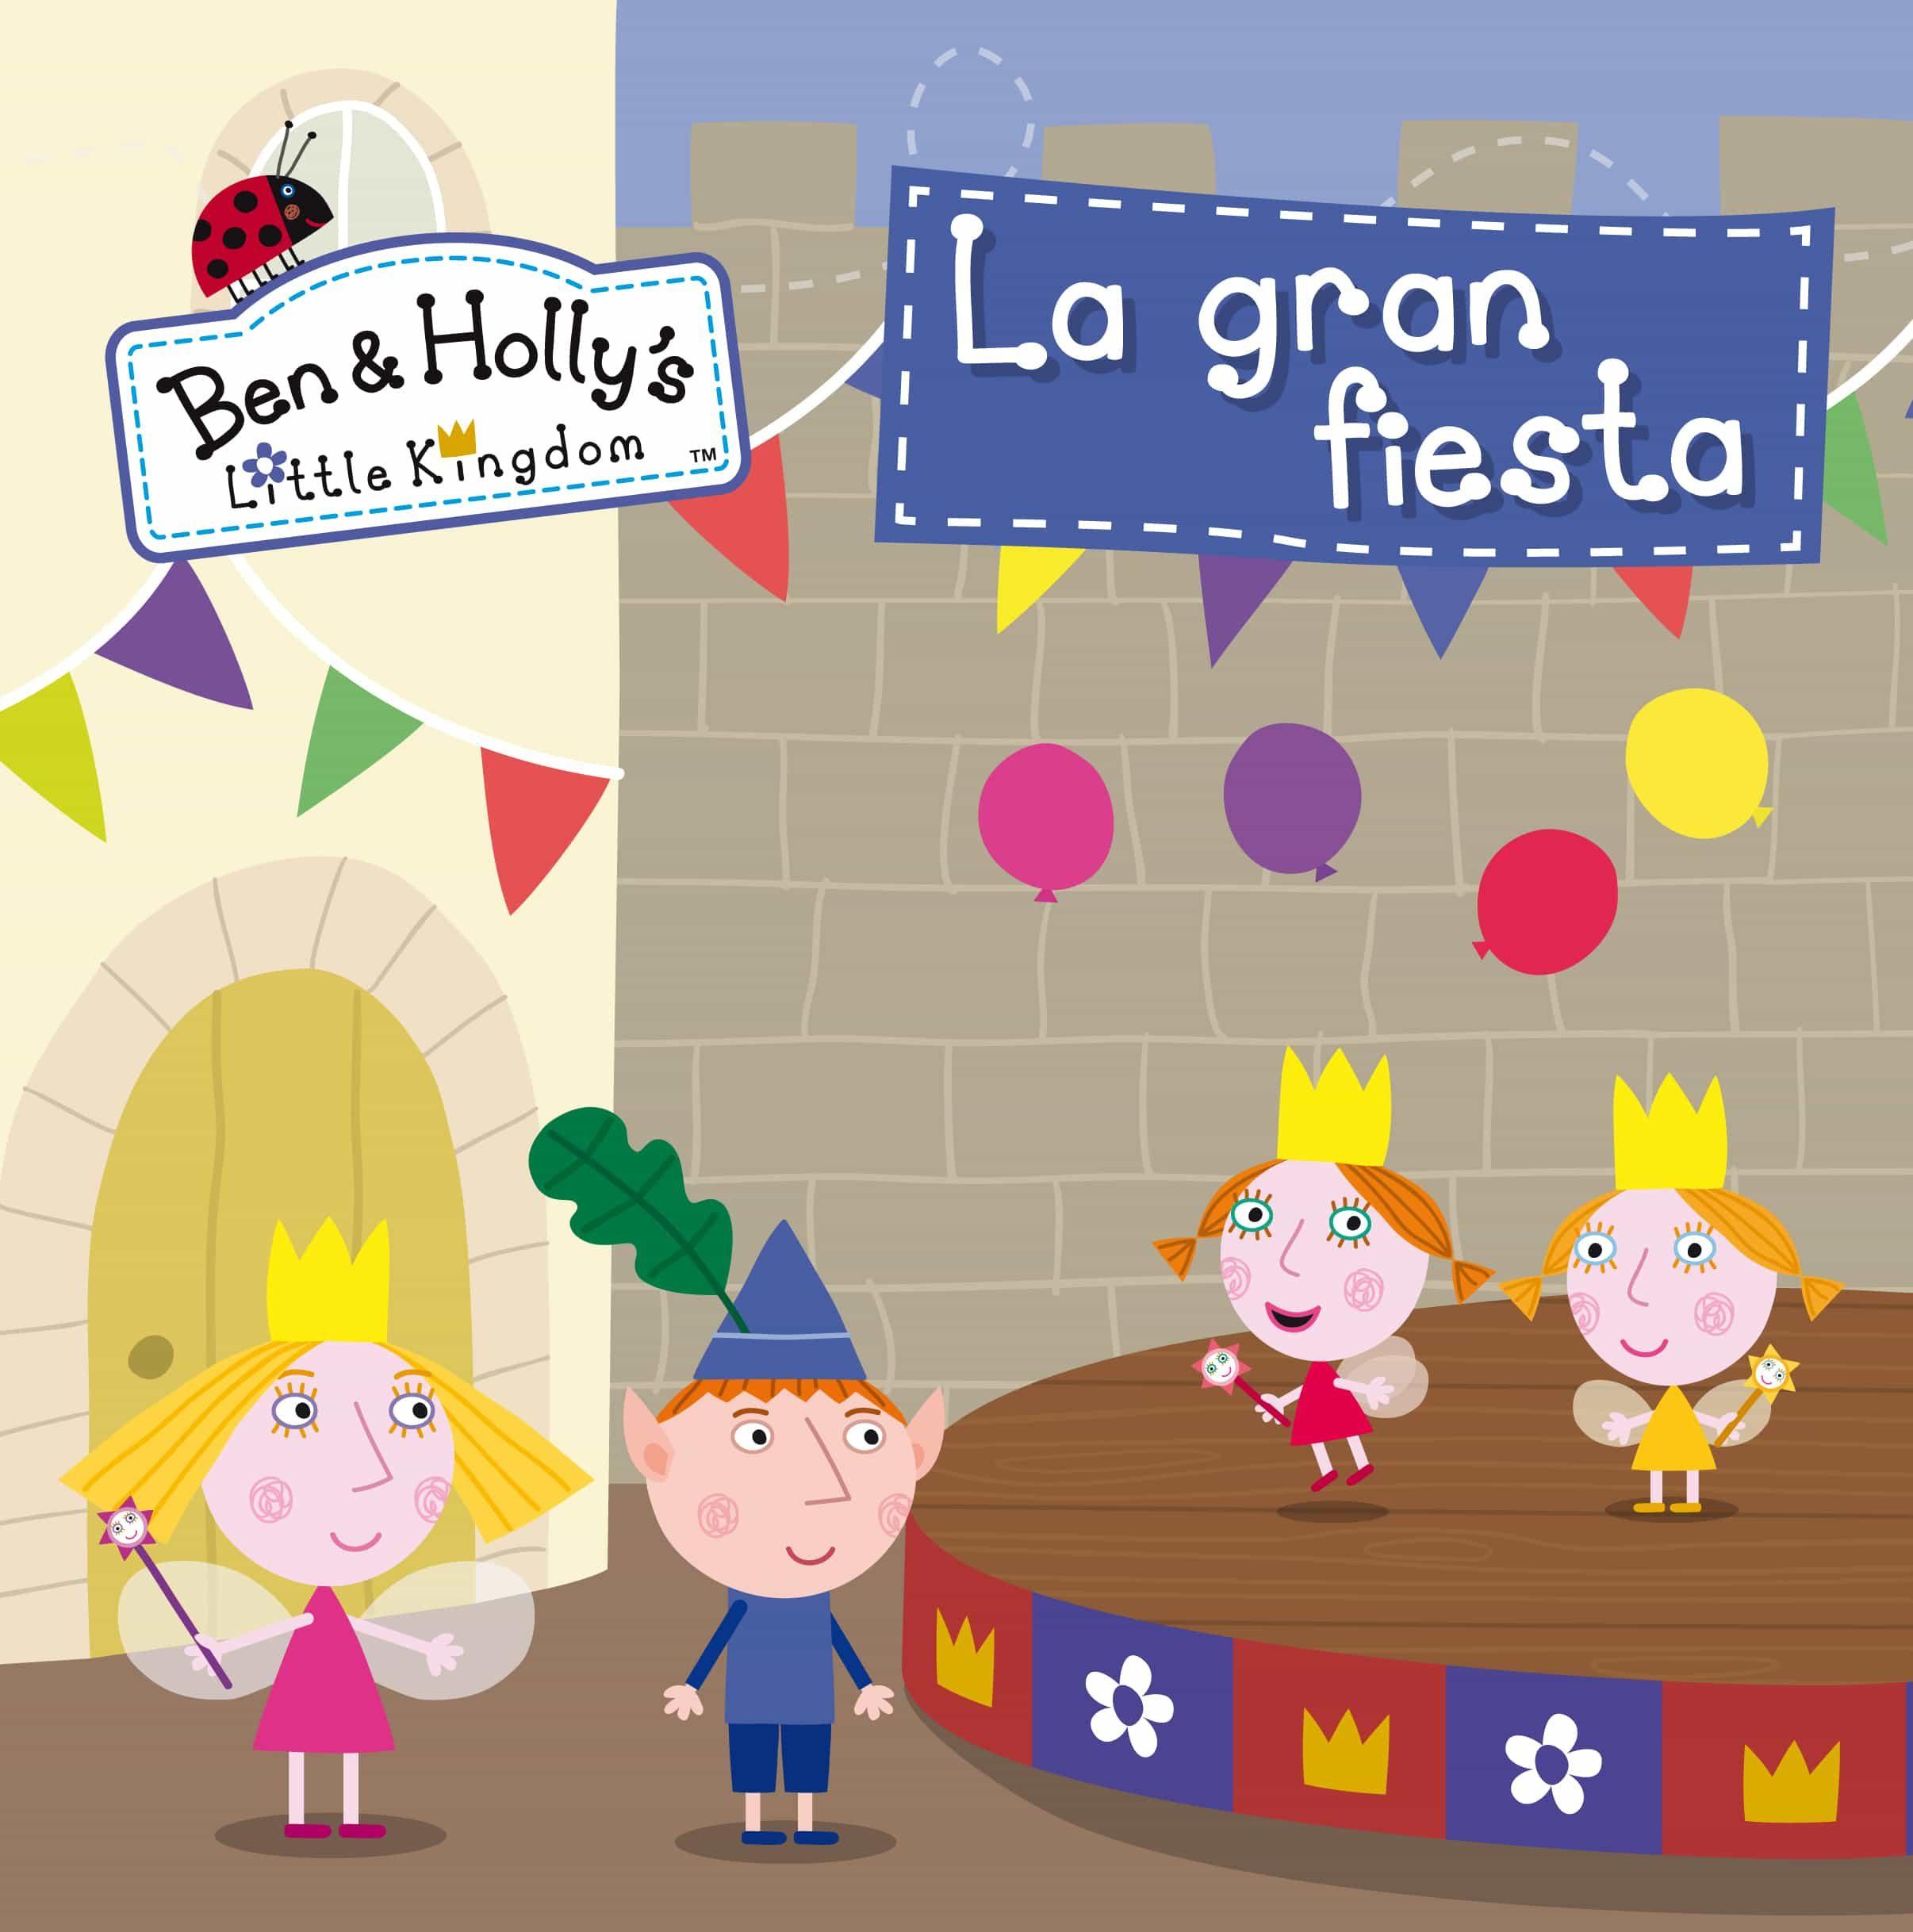 Gran Ben De Fiestael HollyPrimeras Y La Reino Lecturasebook Pequeño ymw0vNnO8